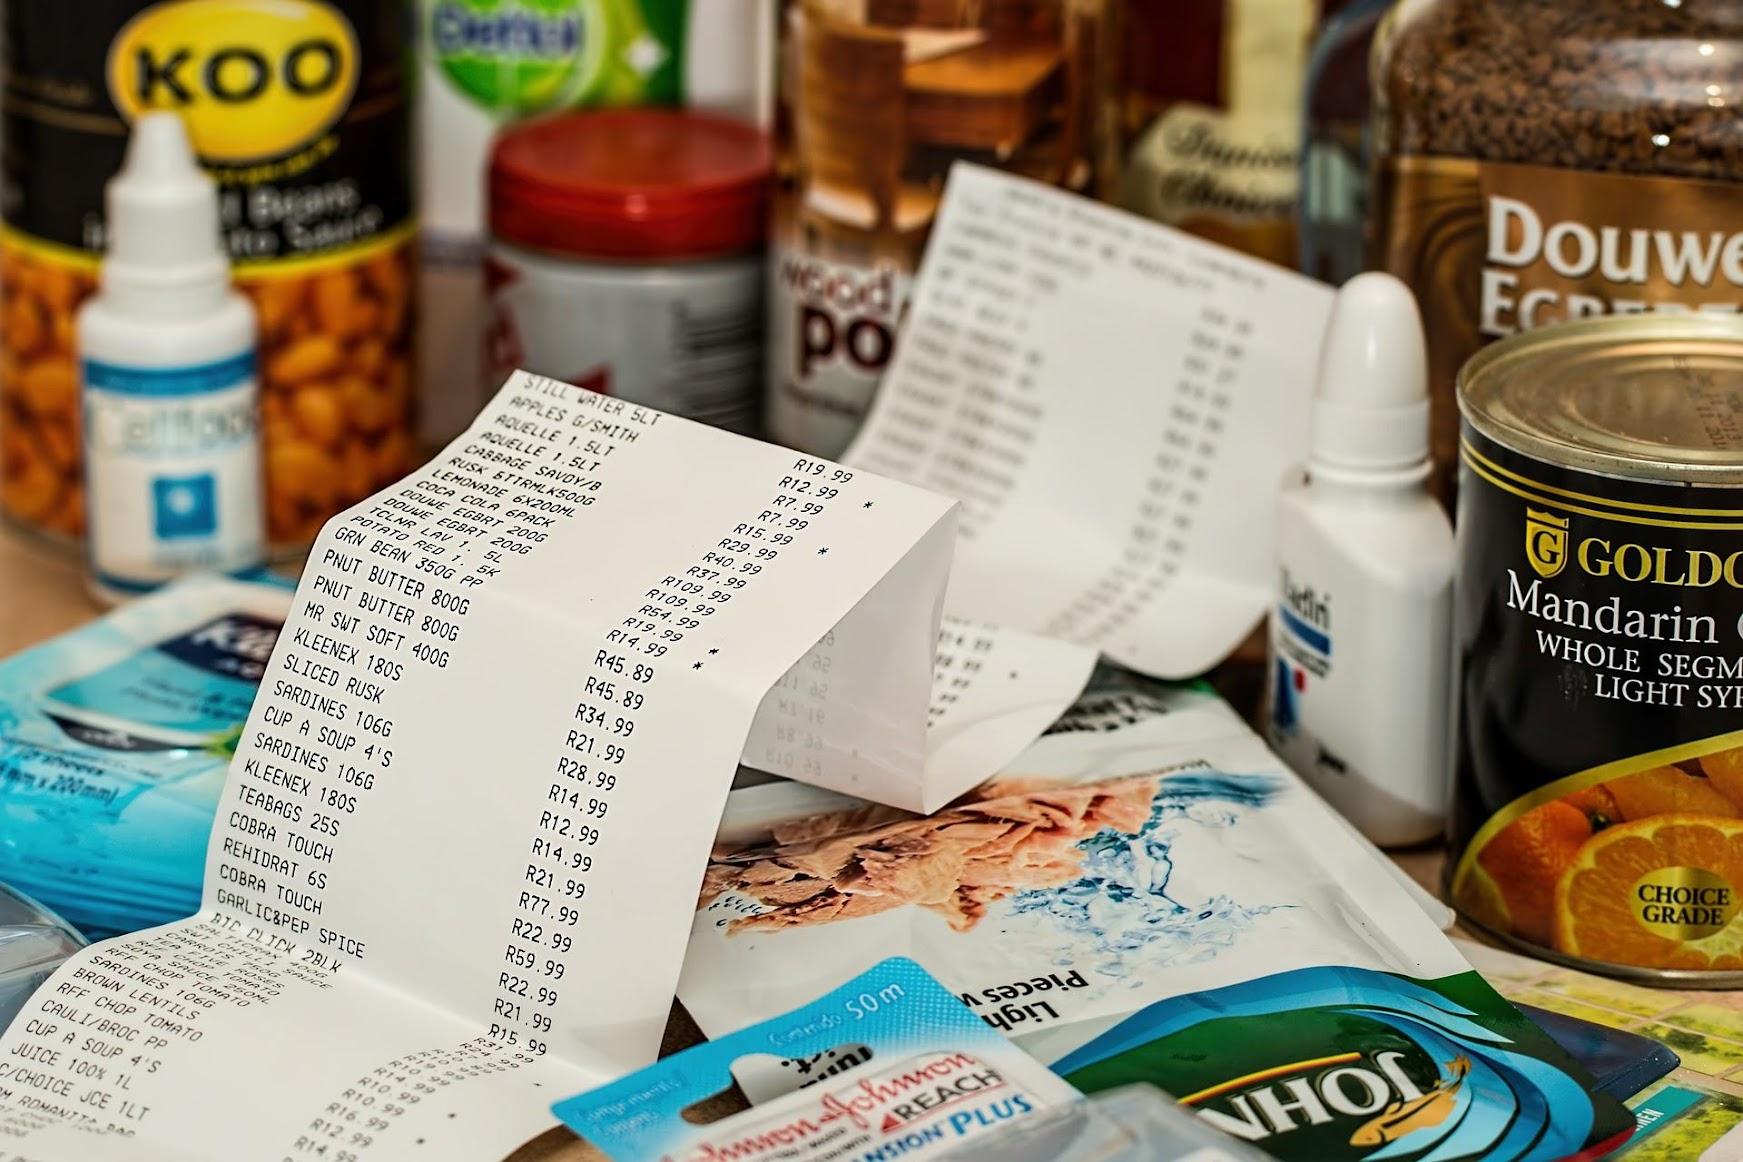 儲けを出す ために リピート が 必要| 集客コストと 儲け の関係